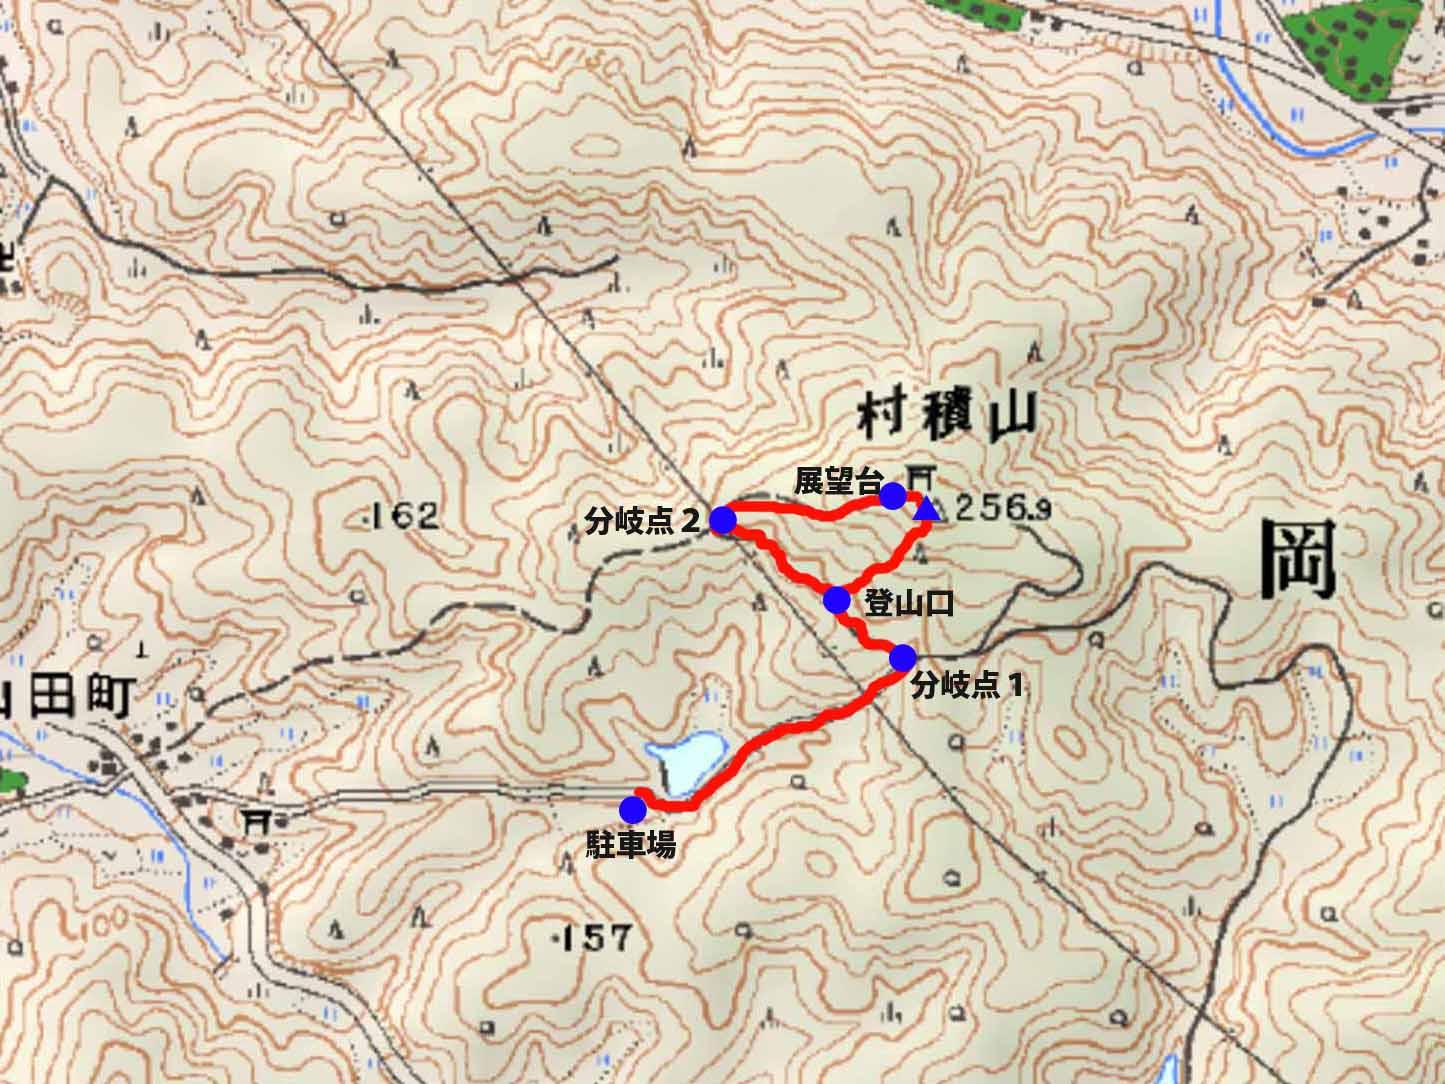 愛知の低い山を適当に散策。低山でも気分はアルプス級 ―――!